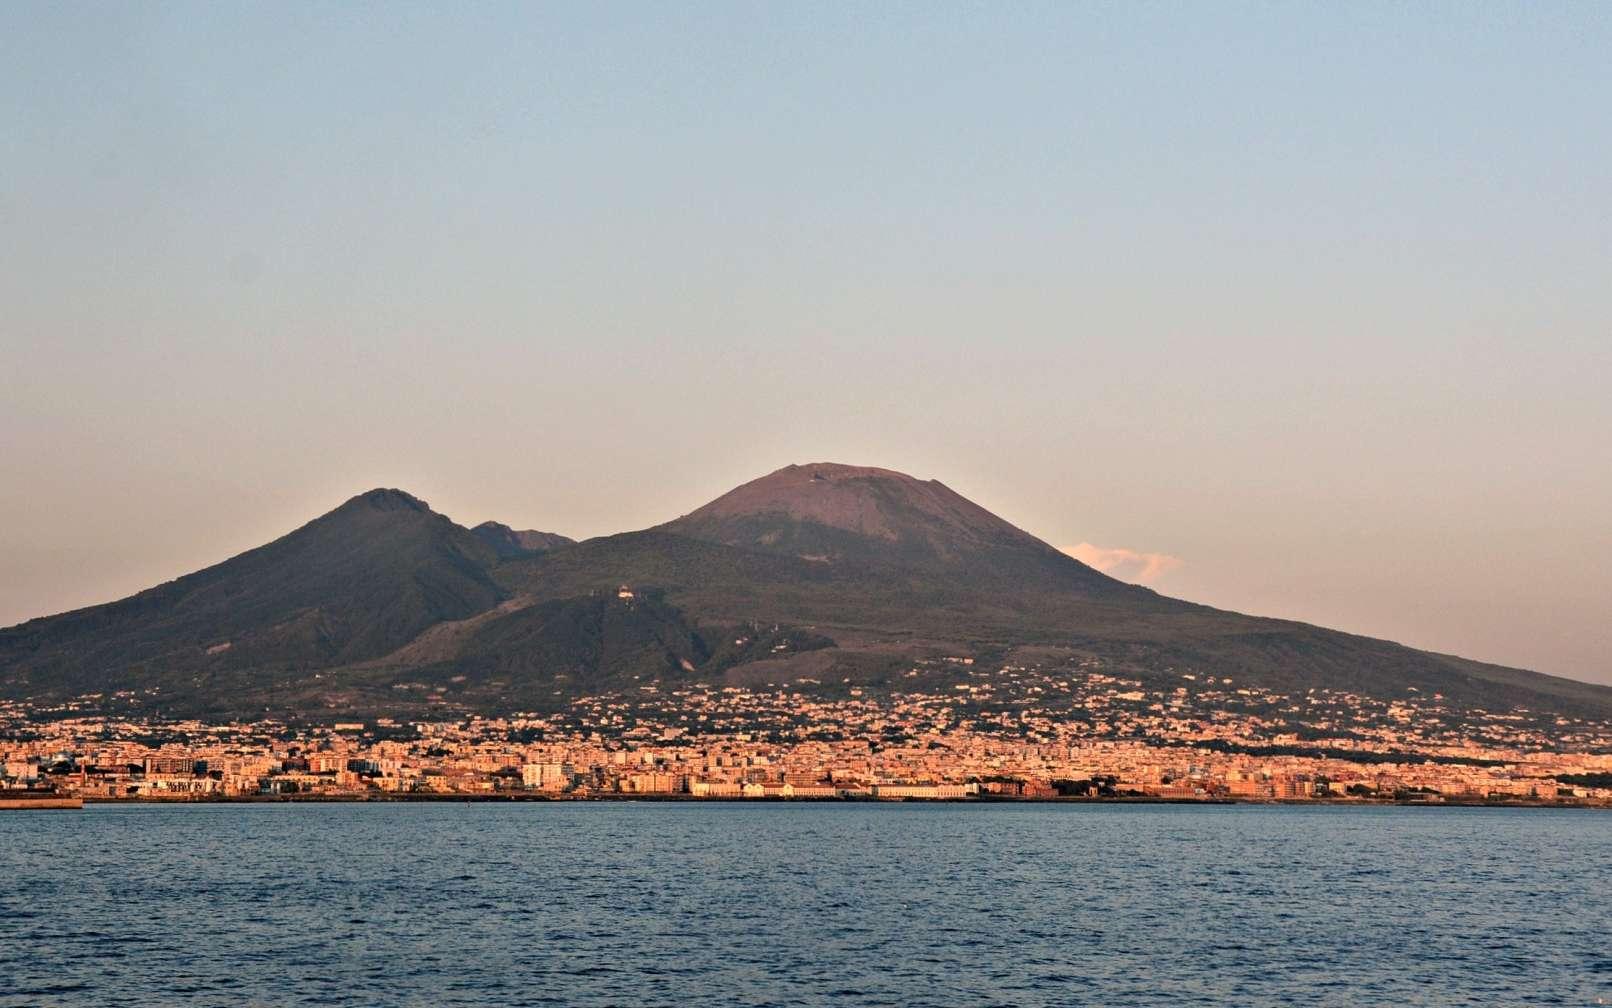 Une vue du Vésuve et de la baie de Naples. © Mentnafunangann cc by sa 4.0